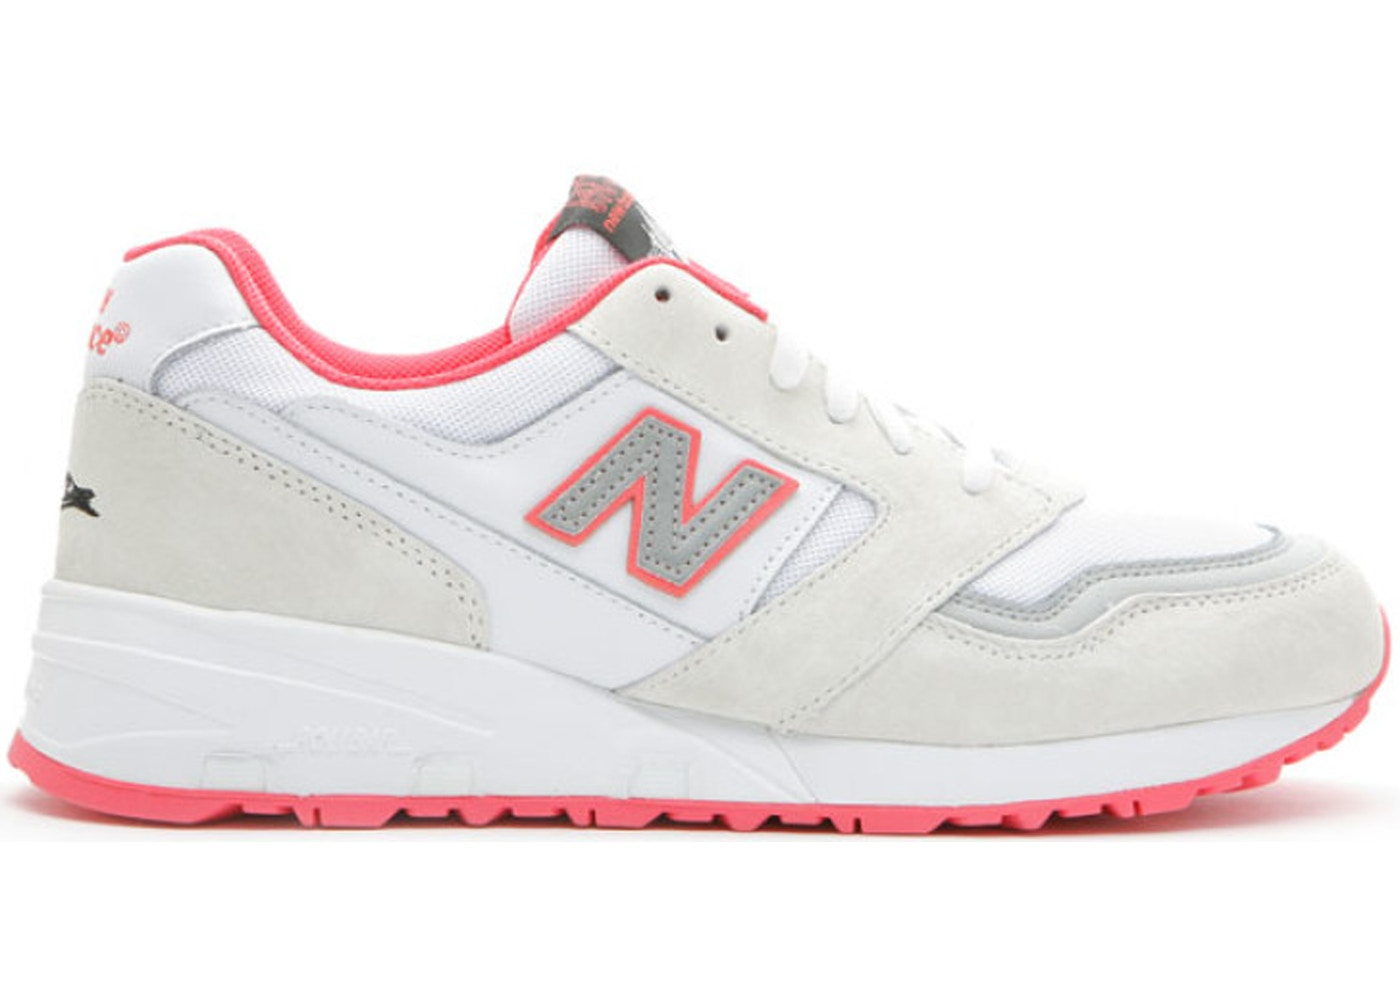 New Balance 575 Staple Pigeon White